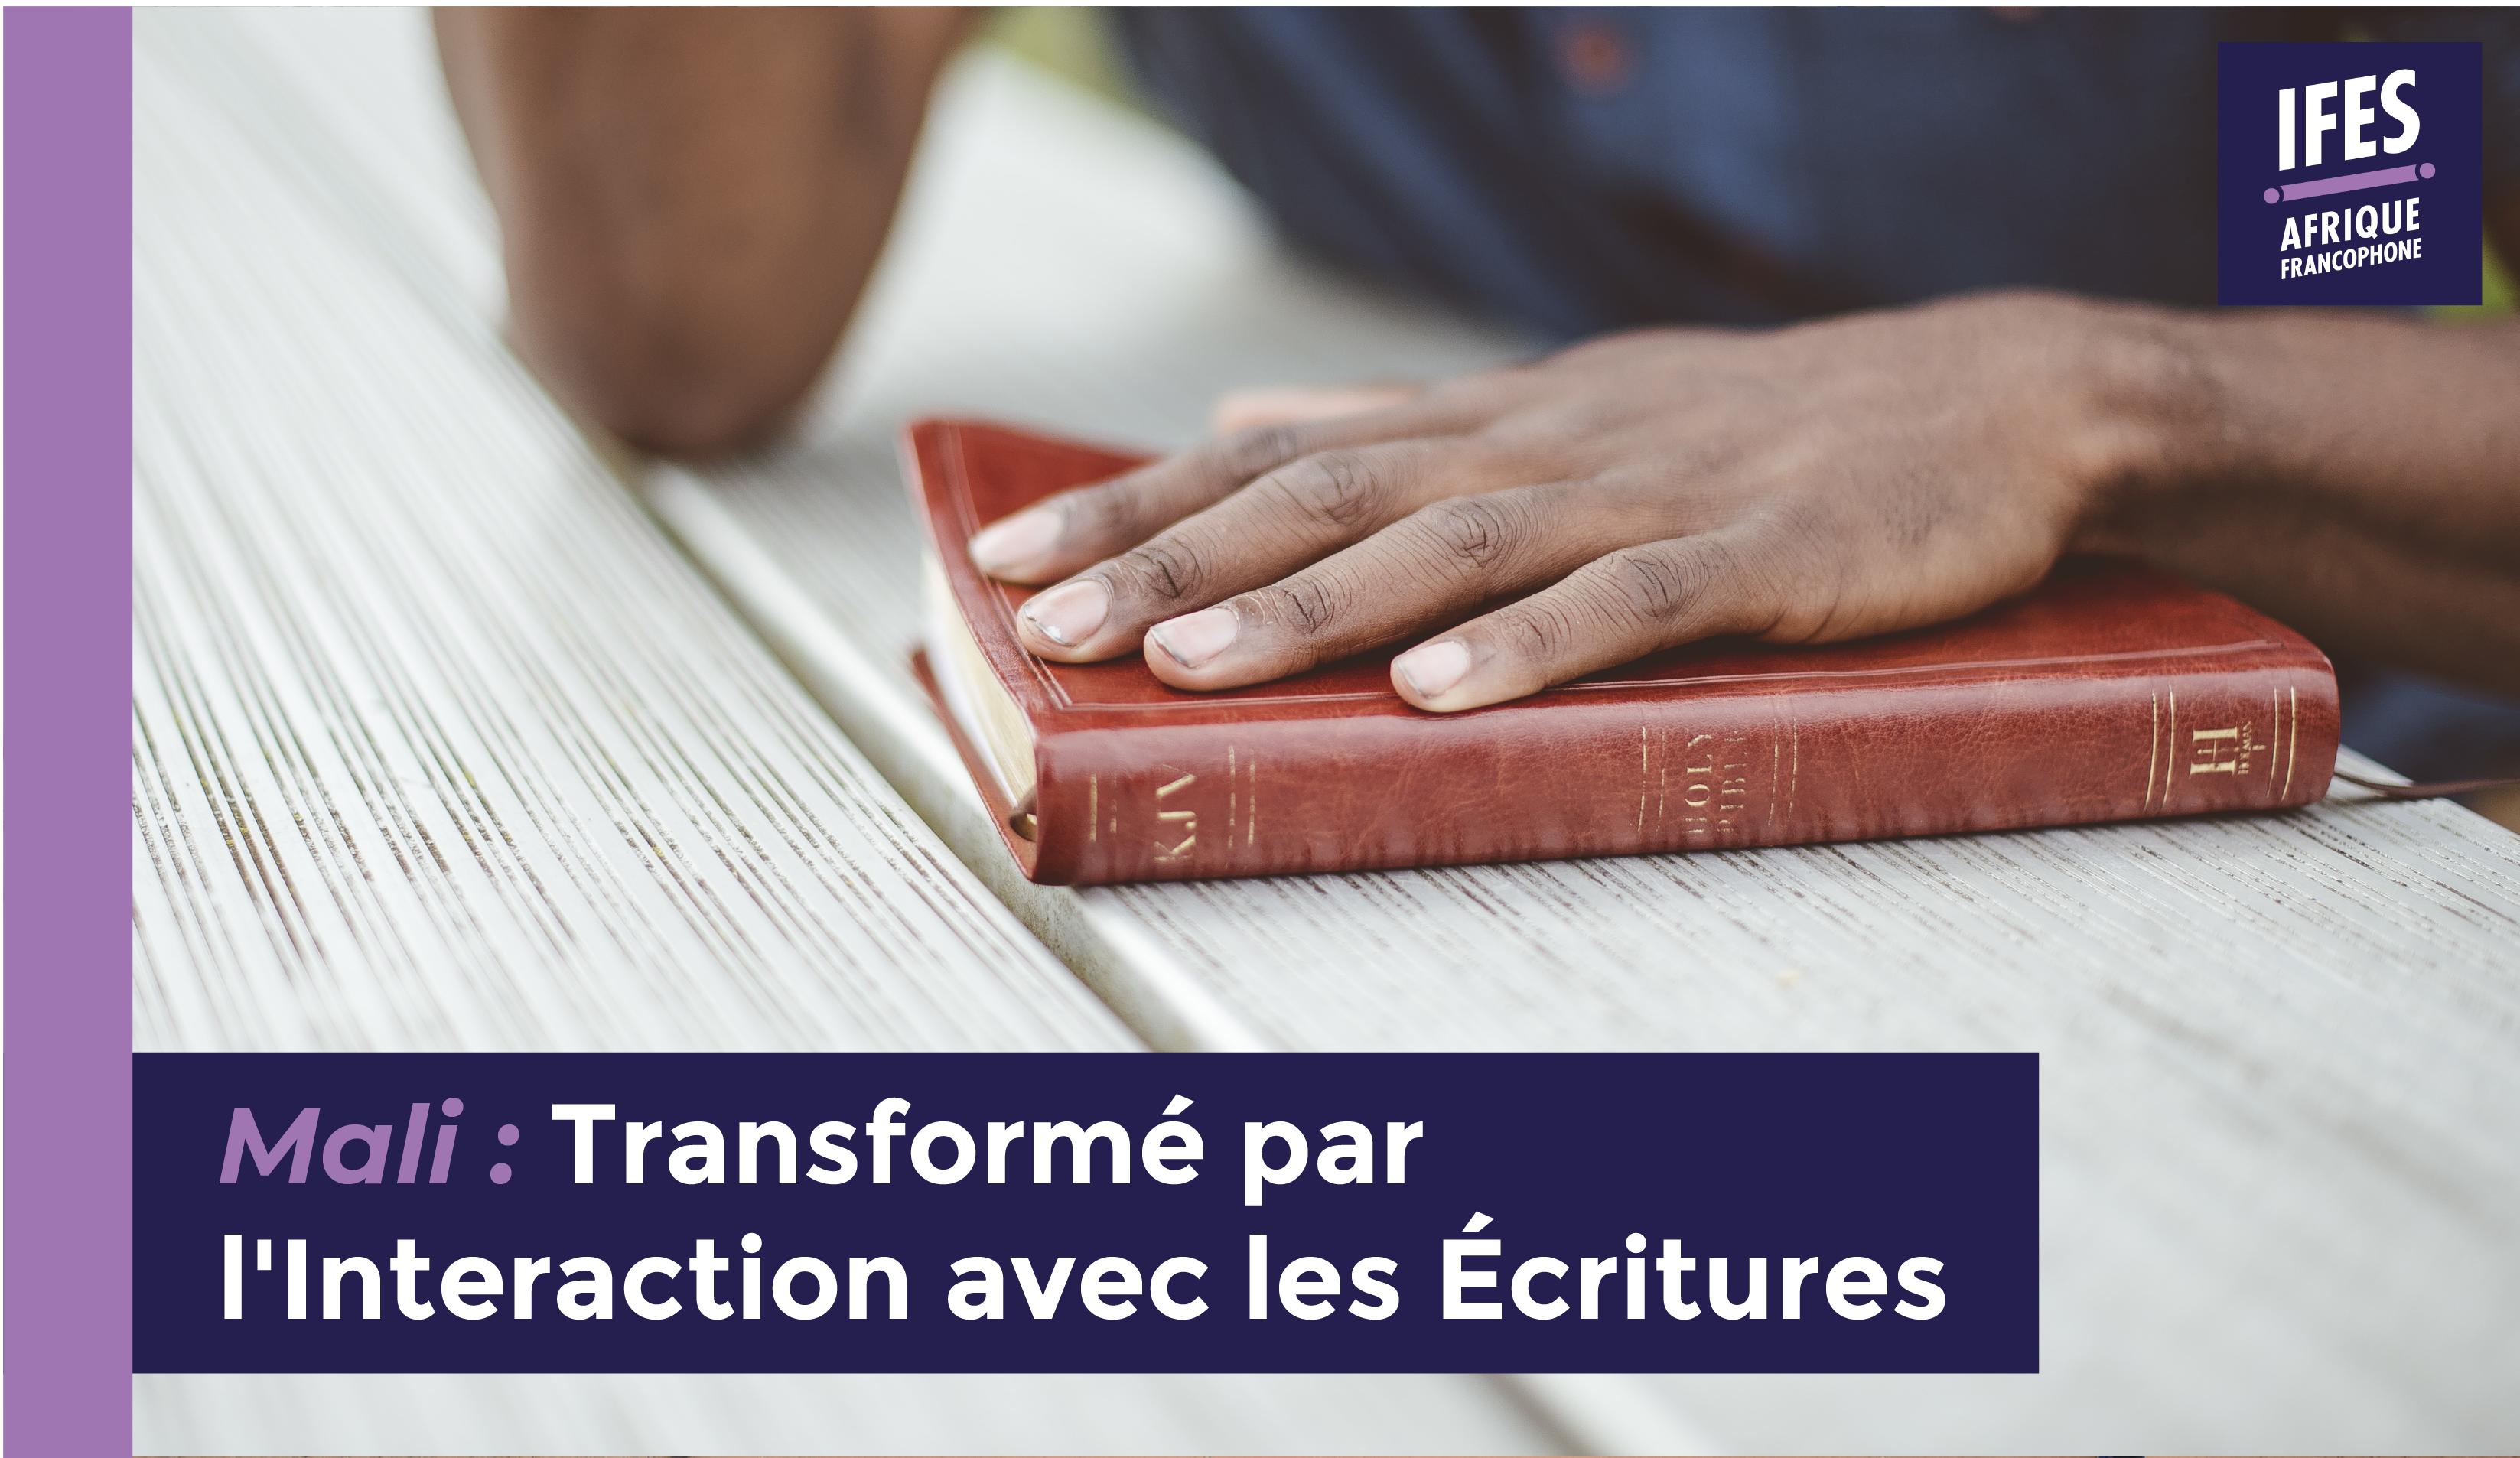 Transformé par l'Interaction avec les Écritures